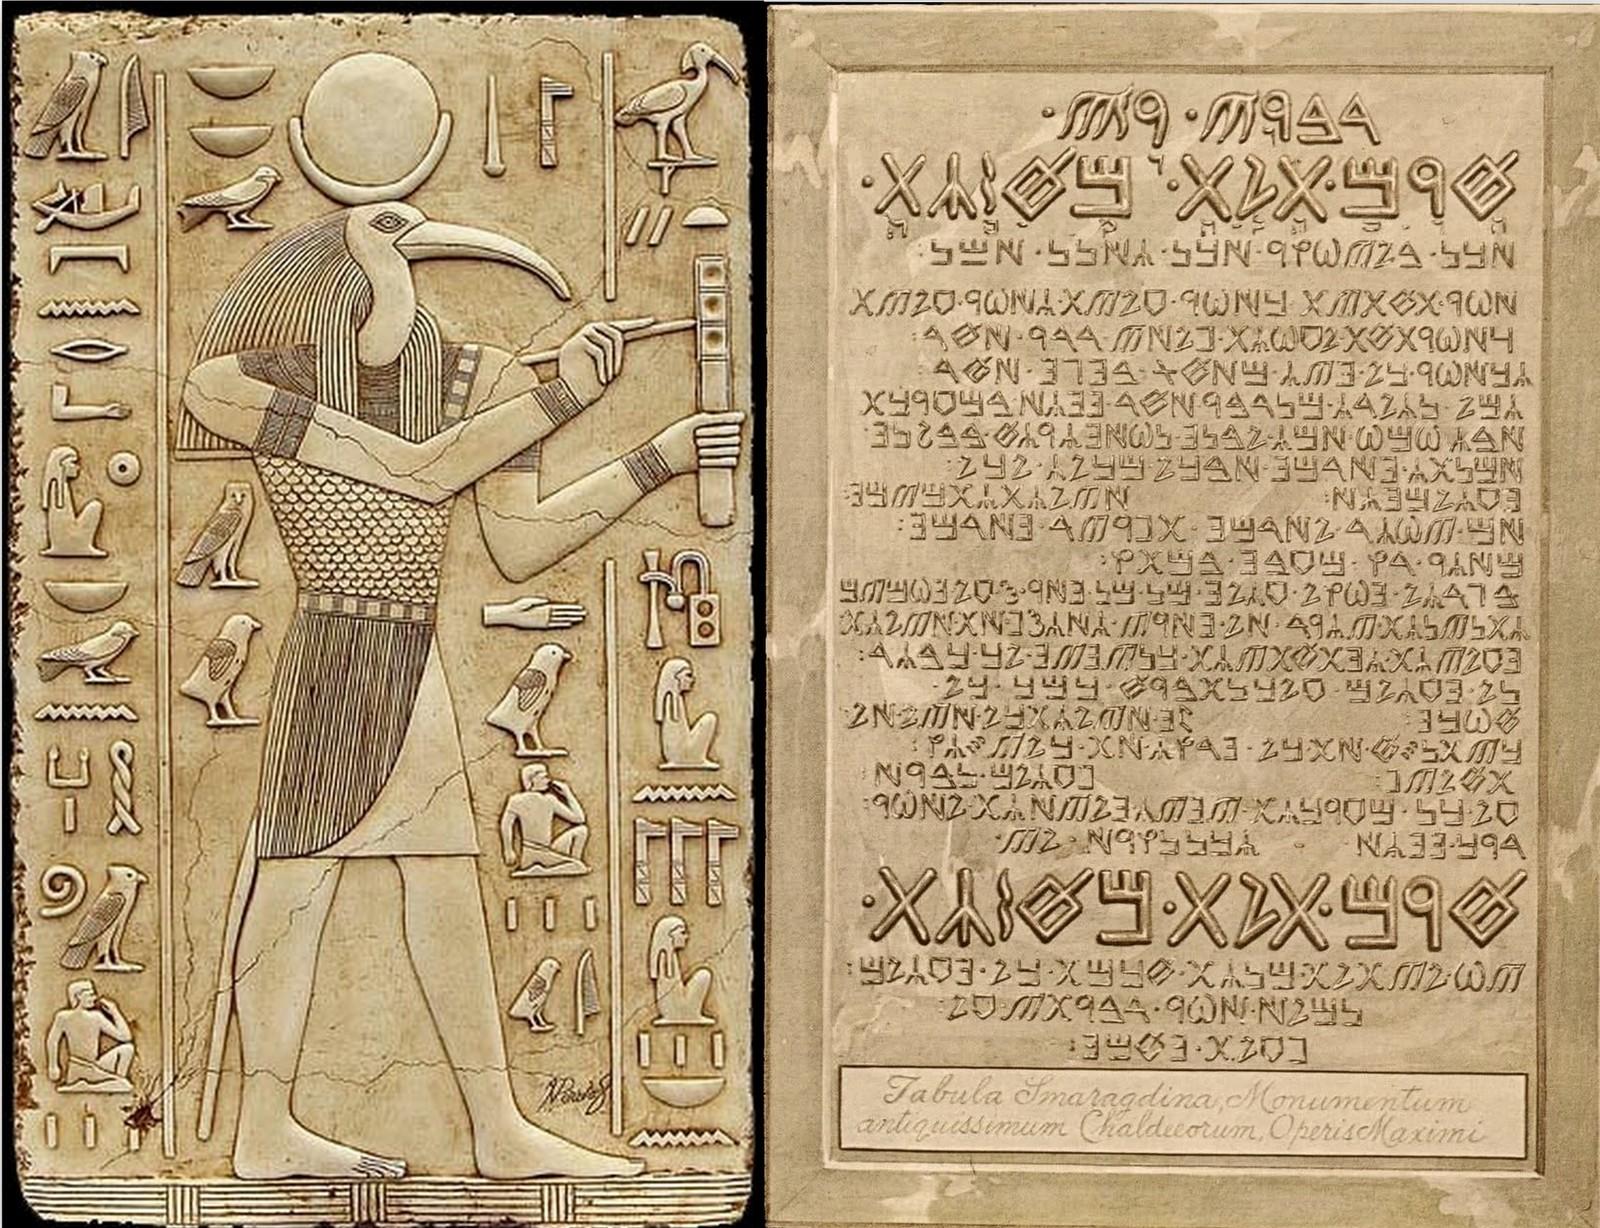 οι 12 σμαραγδένιοι πίνακες, οι σμαραγδένιοι πίνακες του Θωθ, Ερμής Τρισμέγιστος, smaragdine-tables2